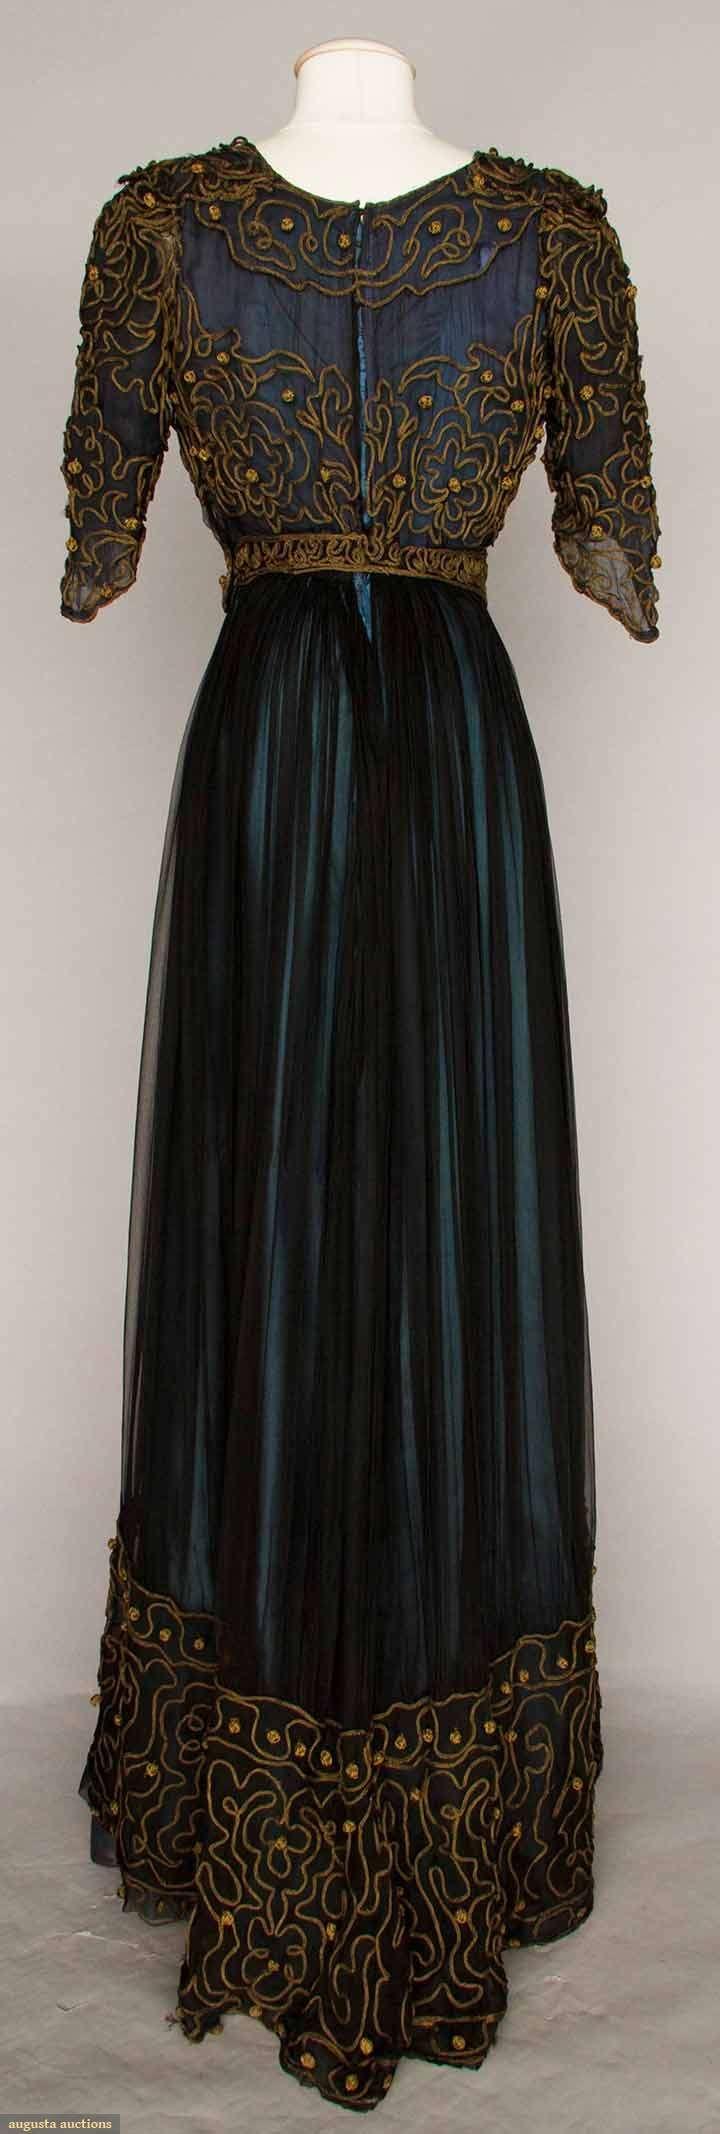 best costumes dresses u textiles images on pinterest belle